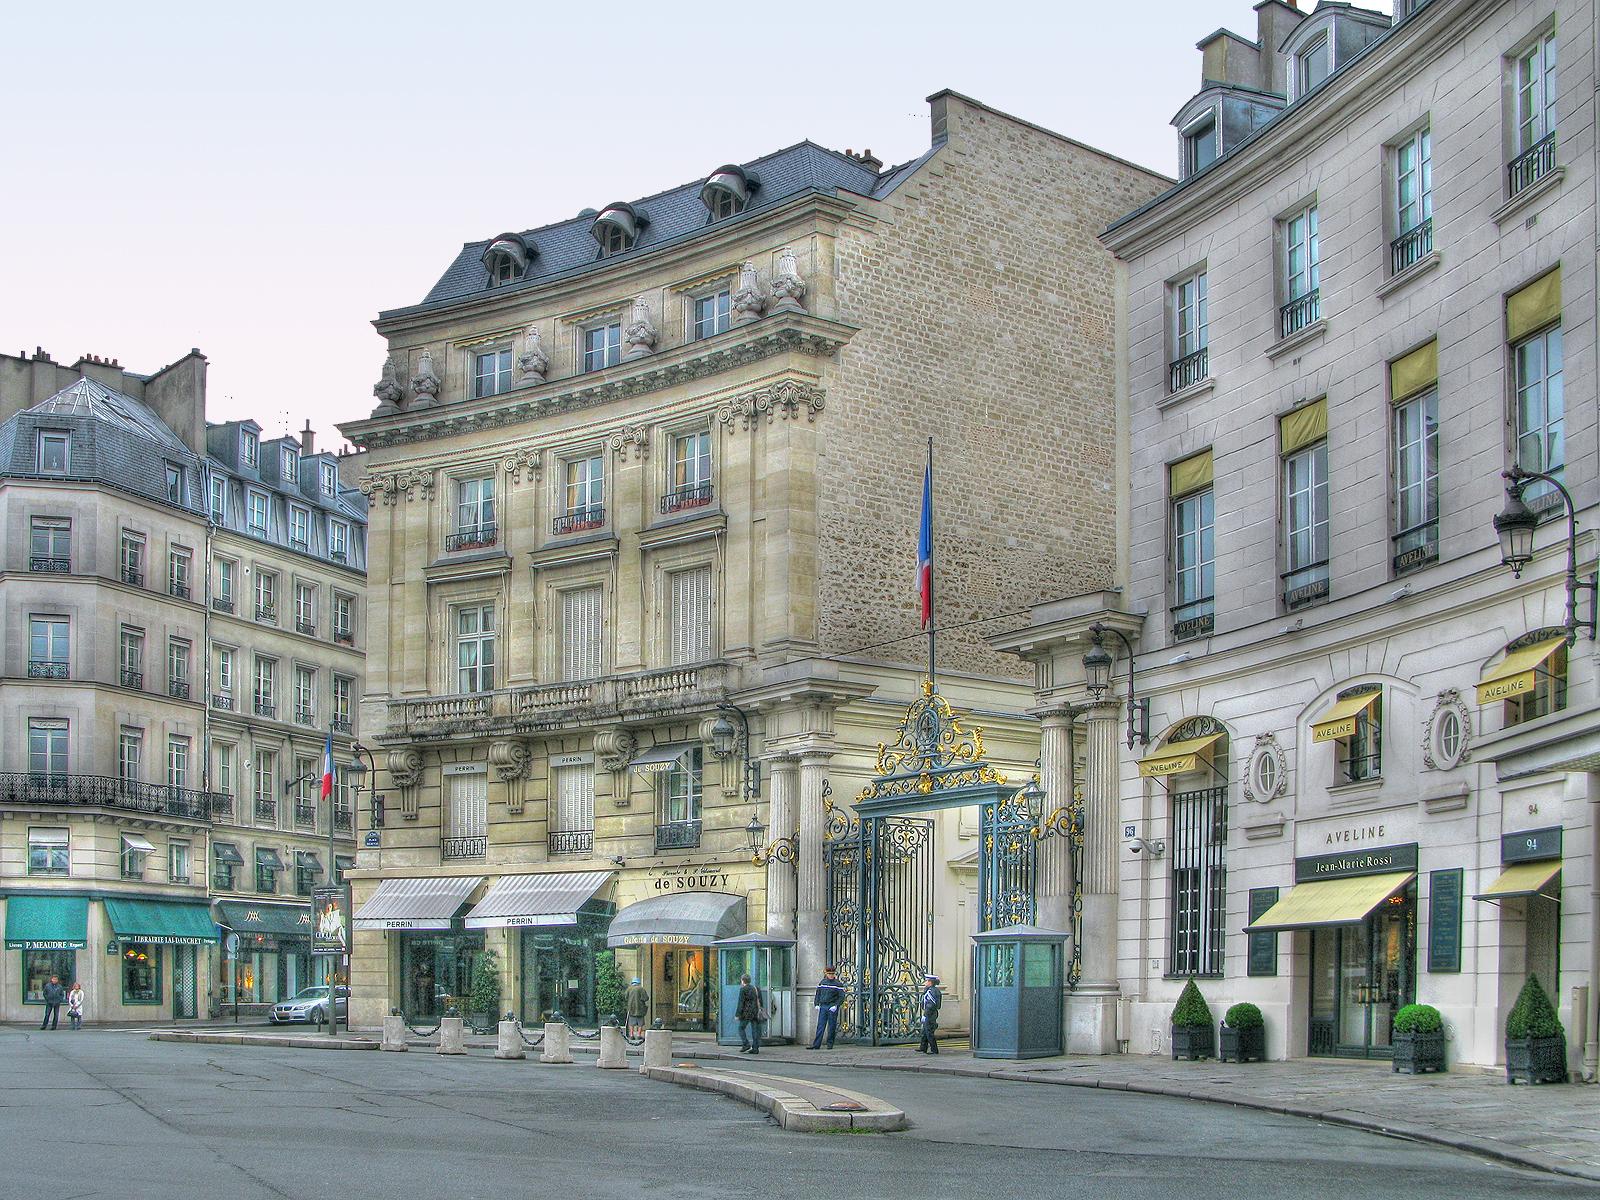 Улица Фобур Сент-Оноре